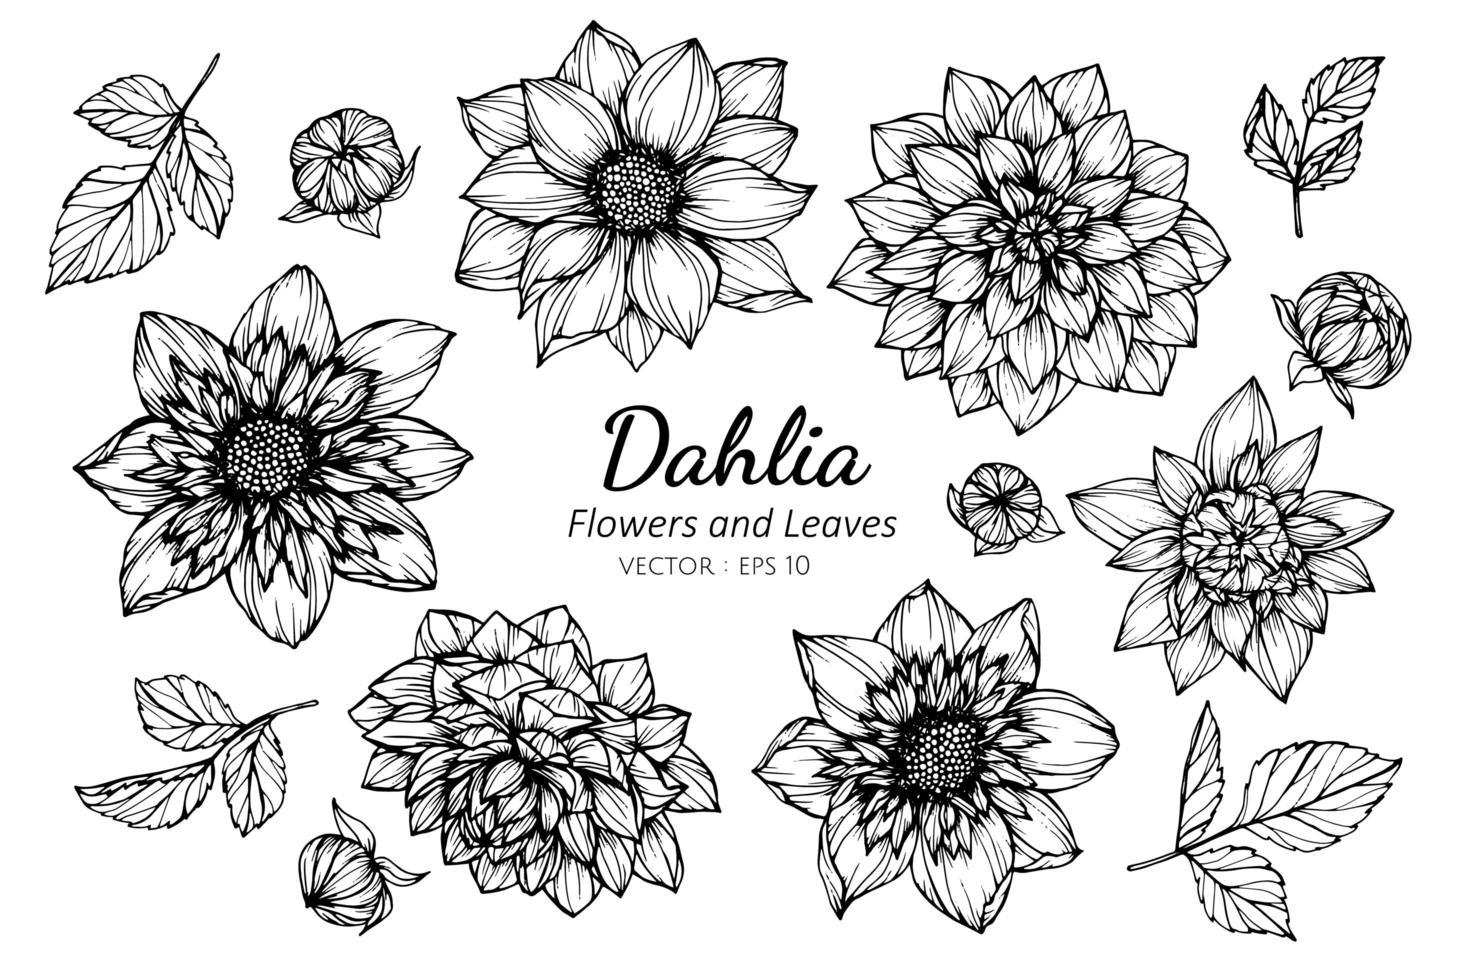 Sammlung von Dahlienblüten und -blättern vektor